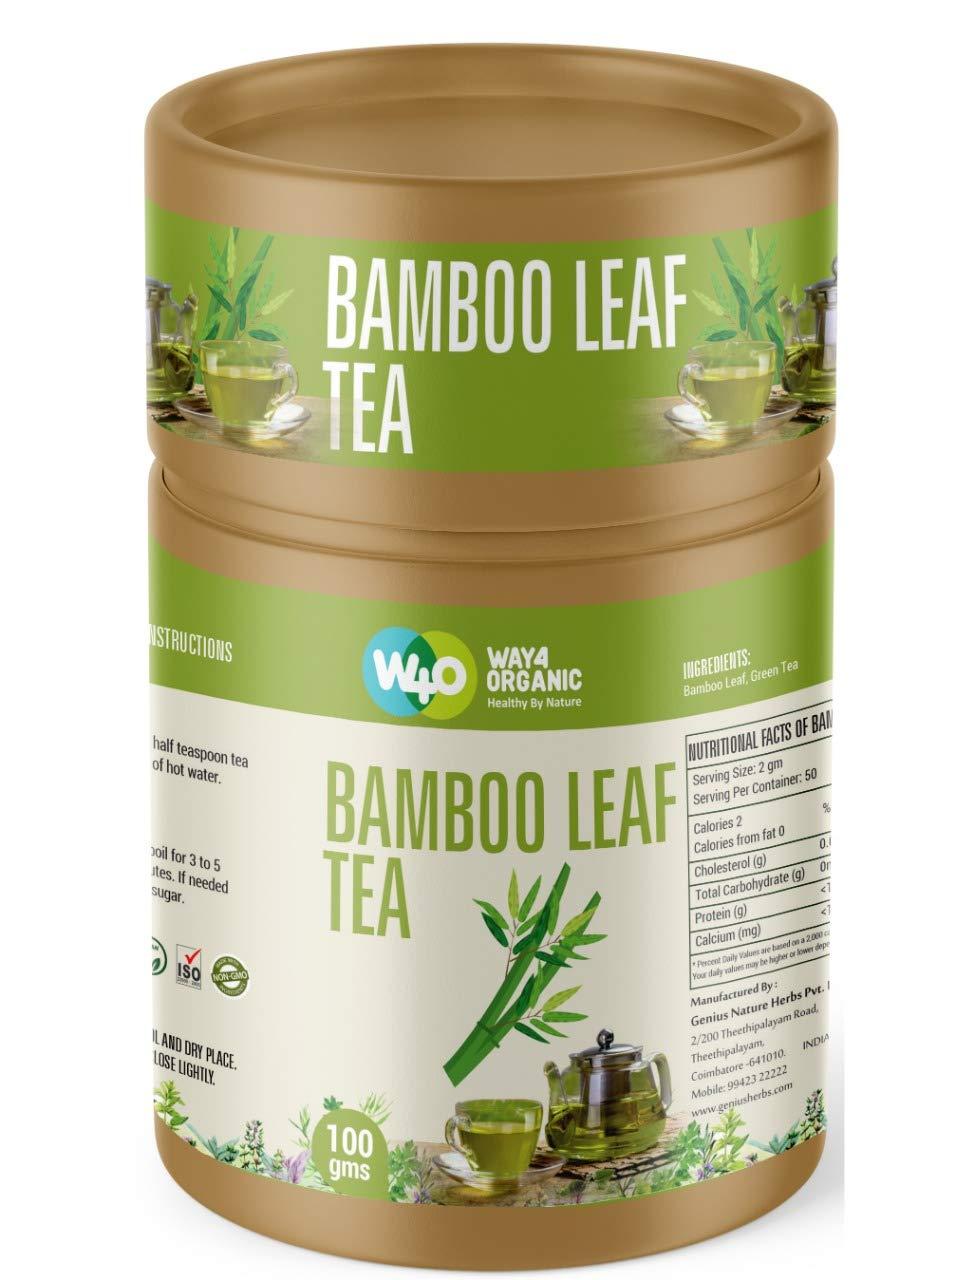 Way4Organic Bamboo Leaf Tea